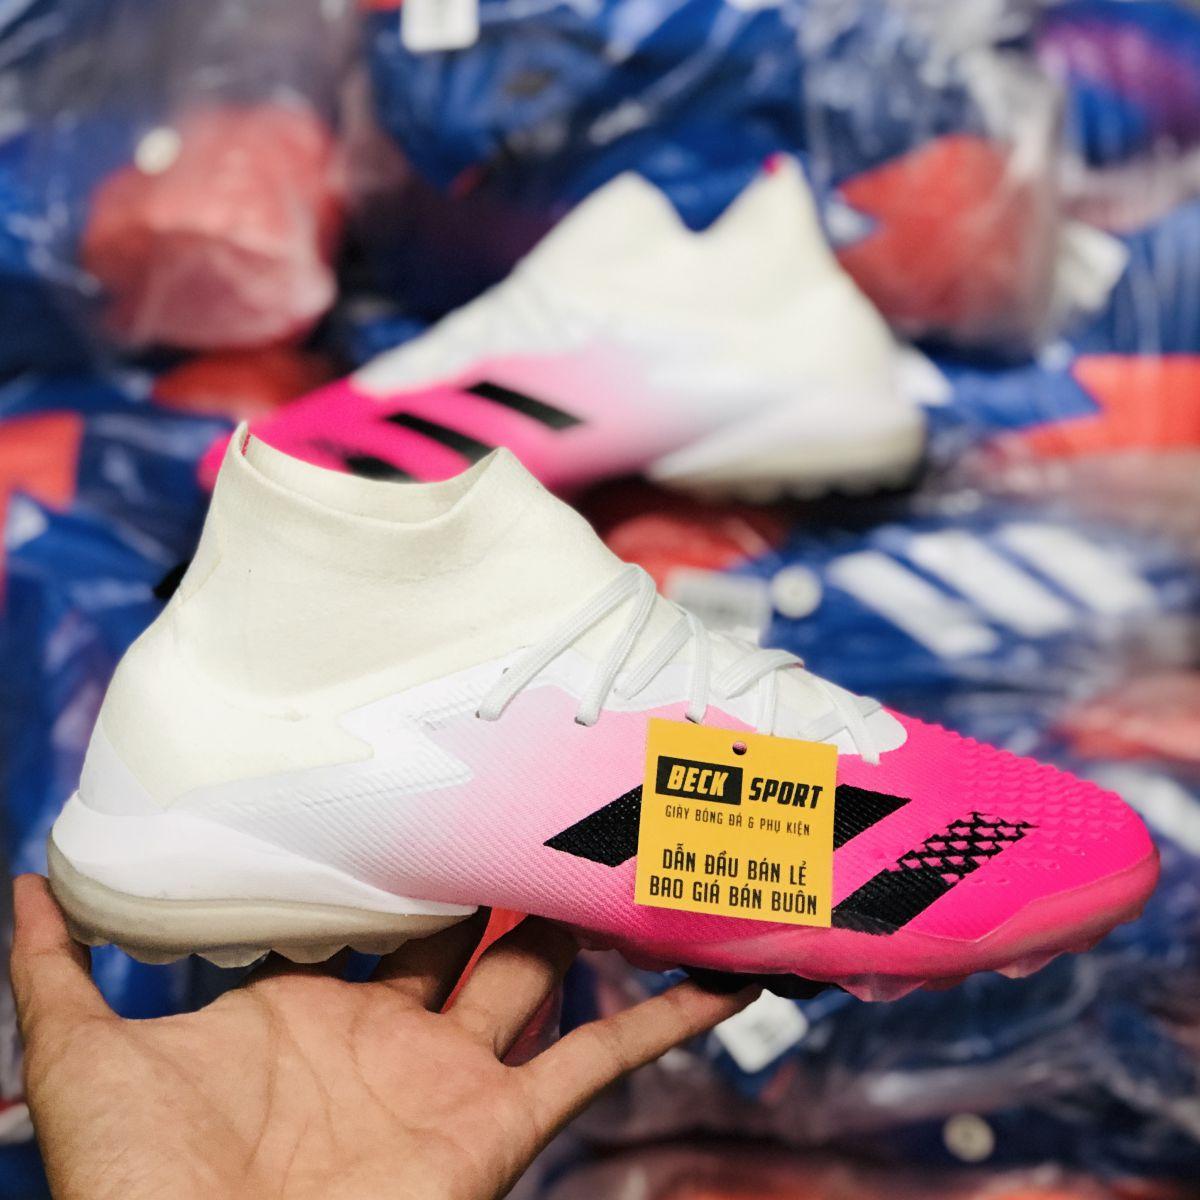 Giày Bóng Đá Adidas Predator 20.1 Trắng Mũi Hồng Vạch Đen Cao Cổ TF